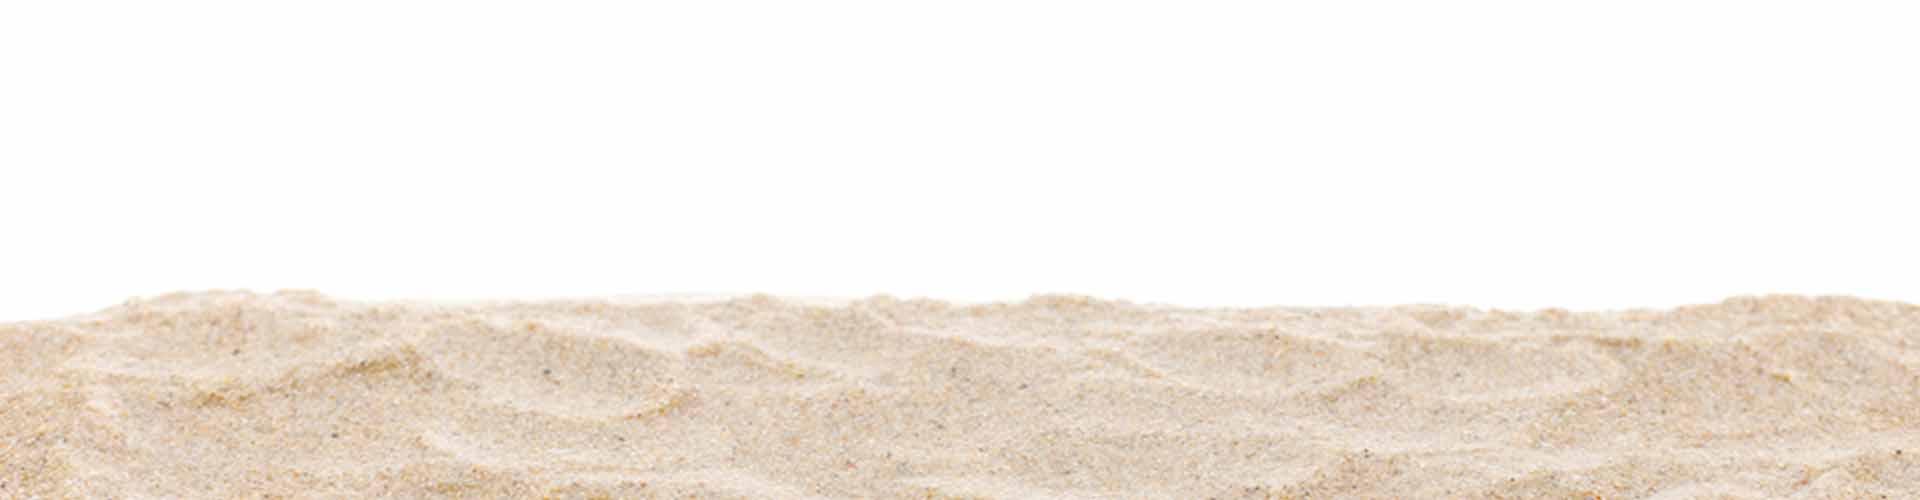 Super Filtersand - Das sollten Sie beachten - Poolexperten XI49